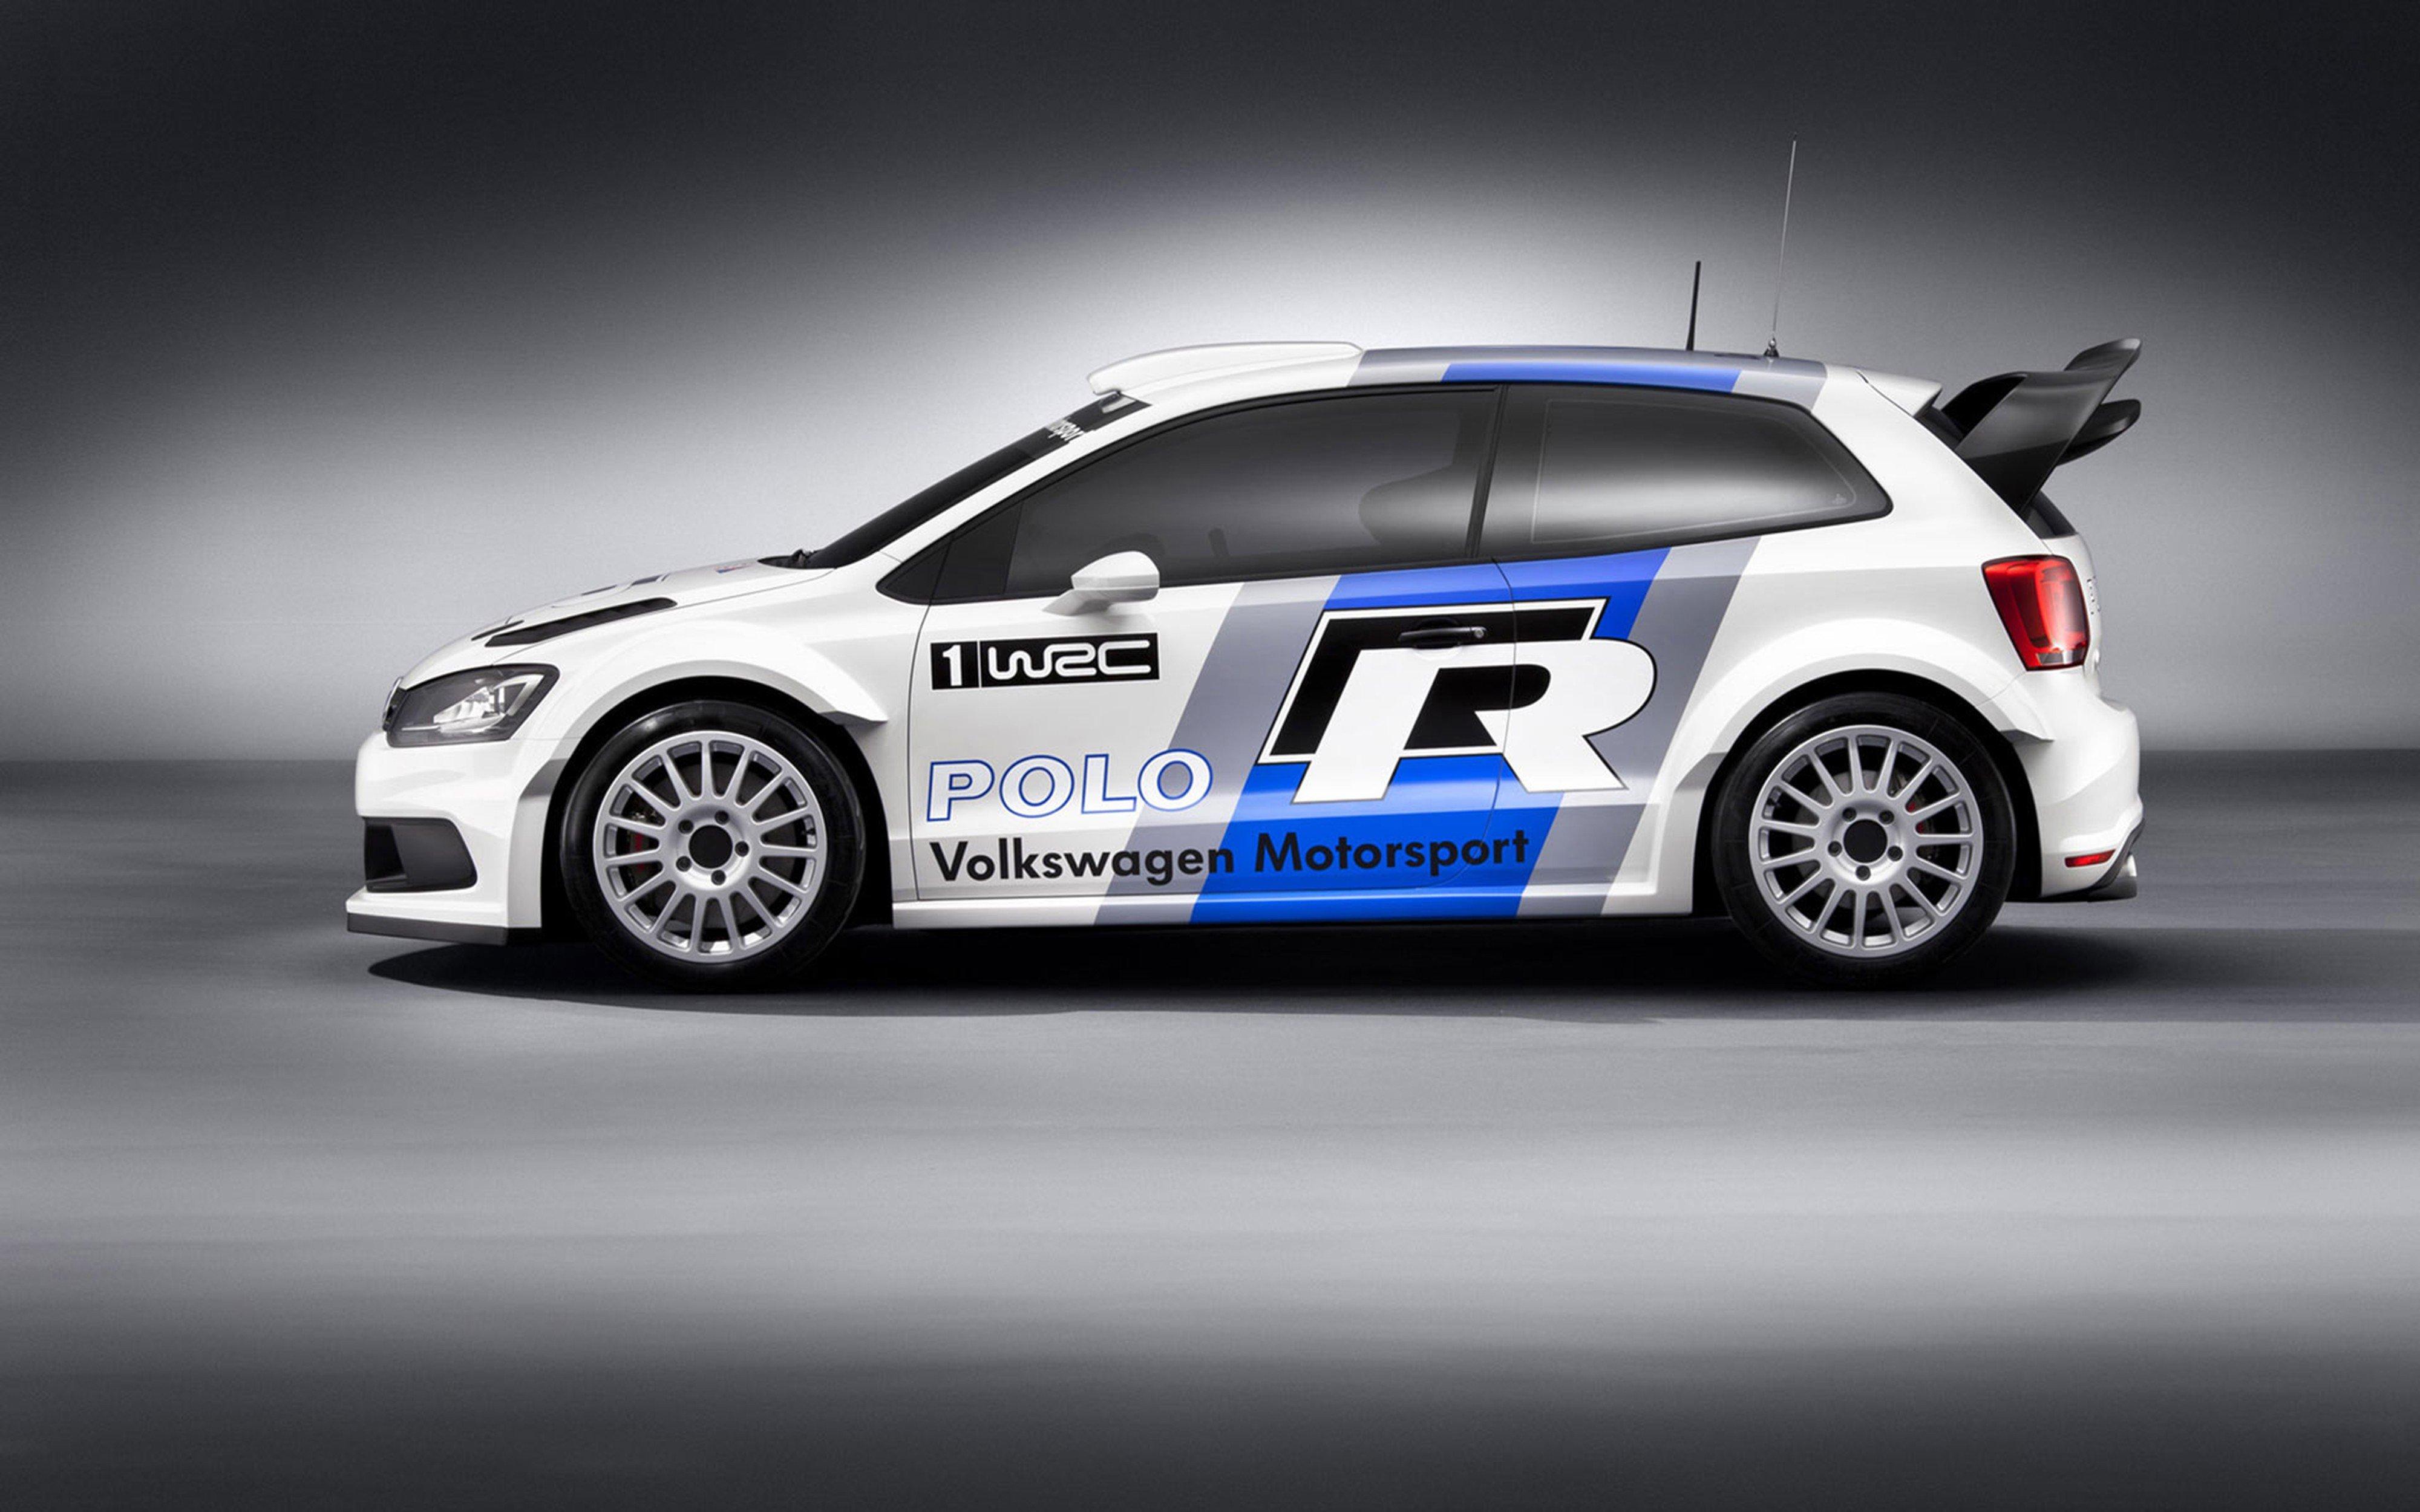 2011 Volkswagen Polo Wrc Concept Race Car Racing Rally